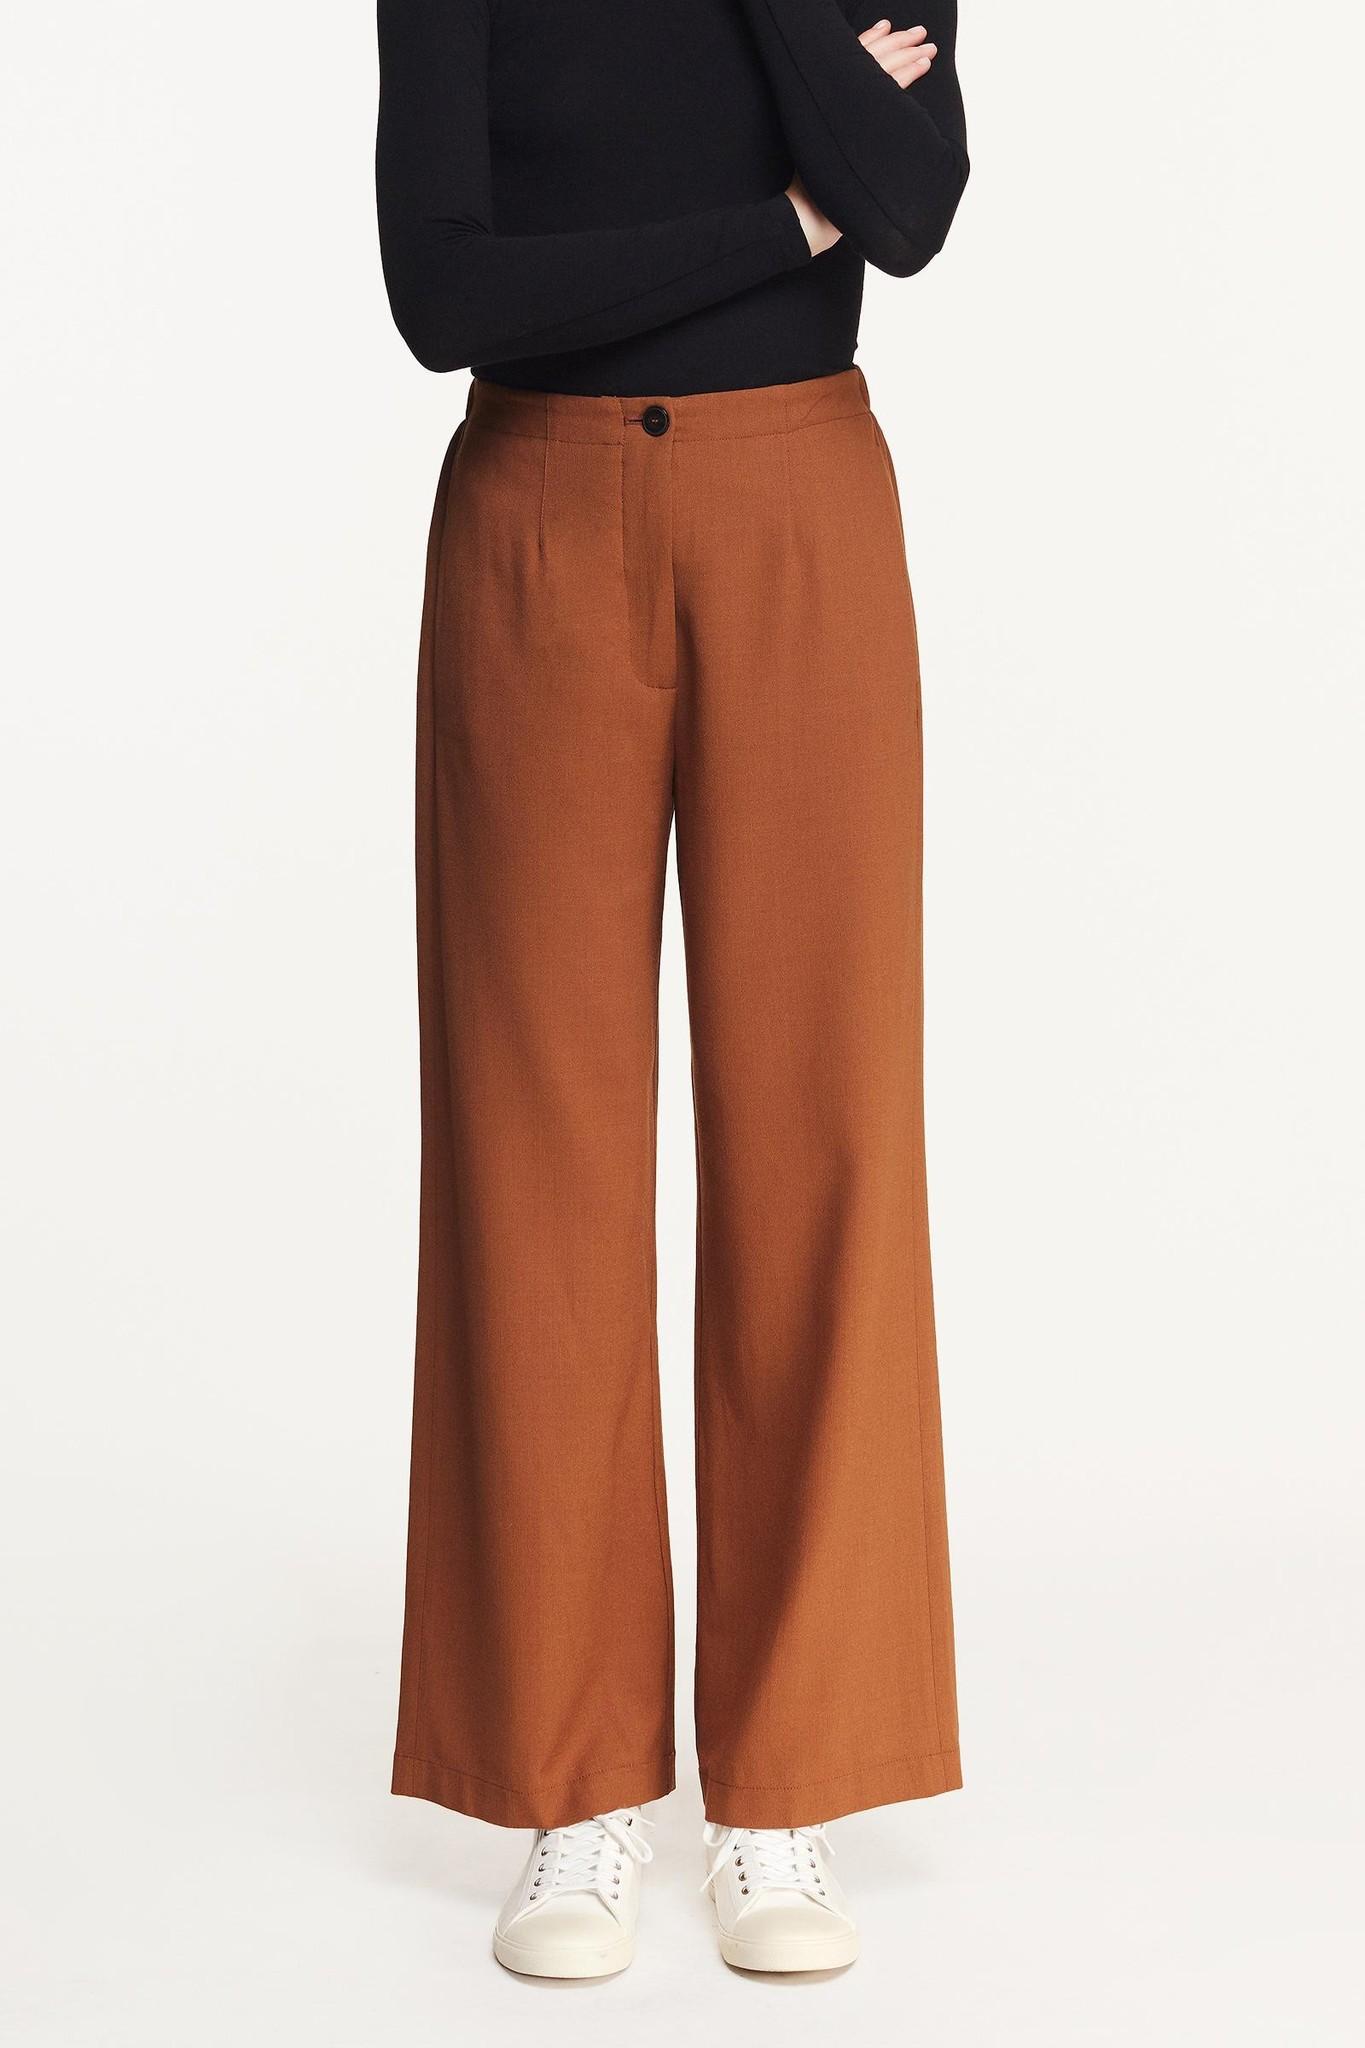 Straight Trouser Elastic Camel